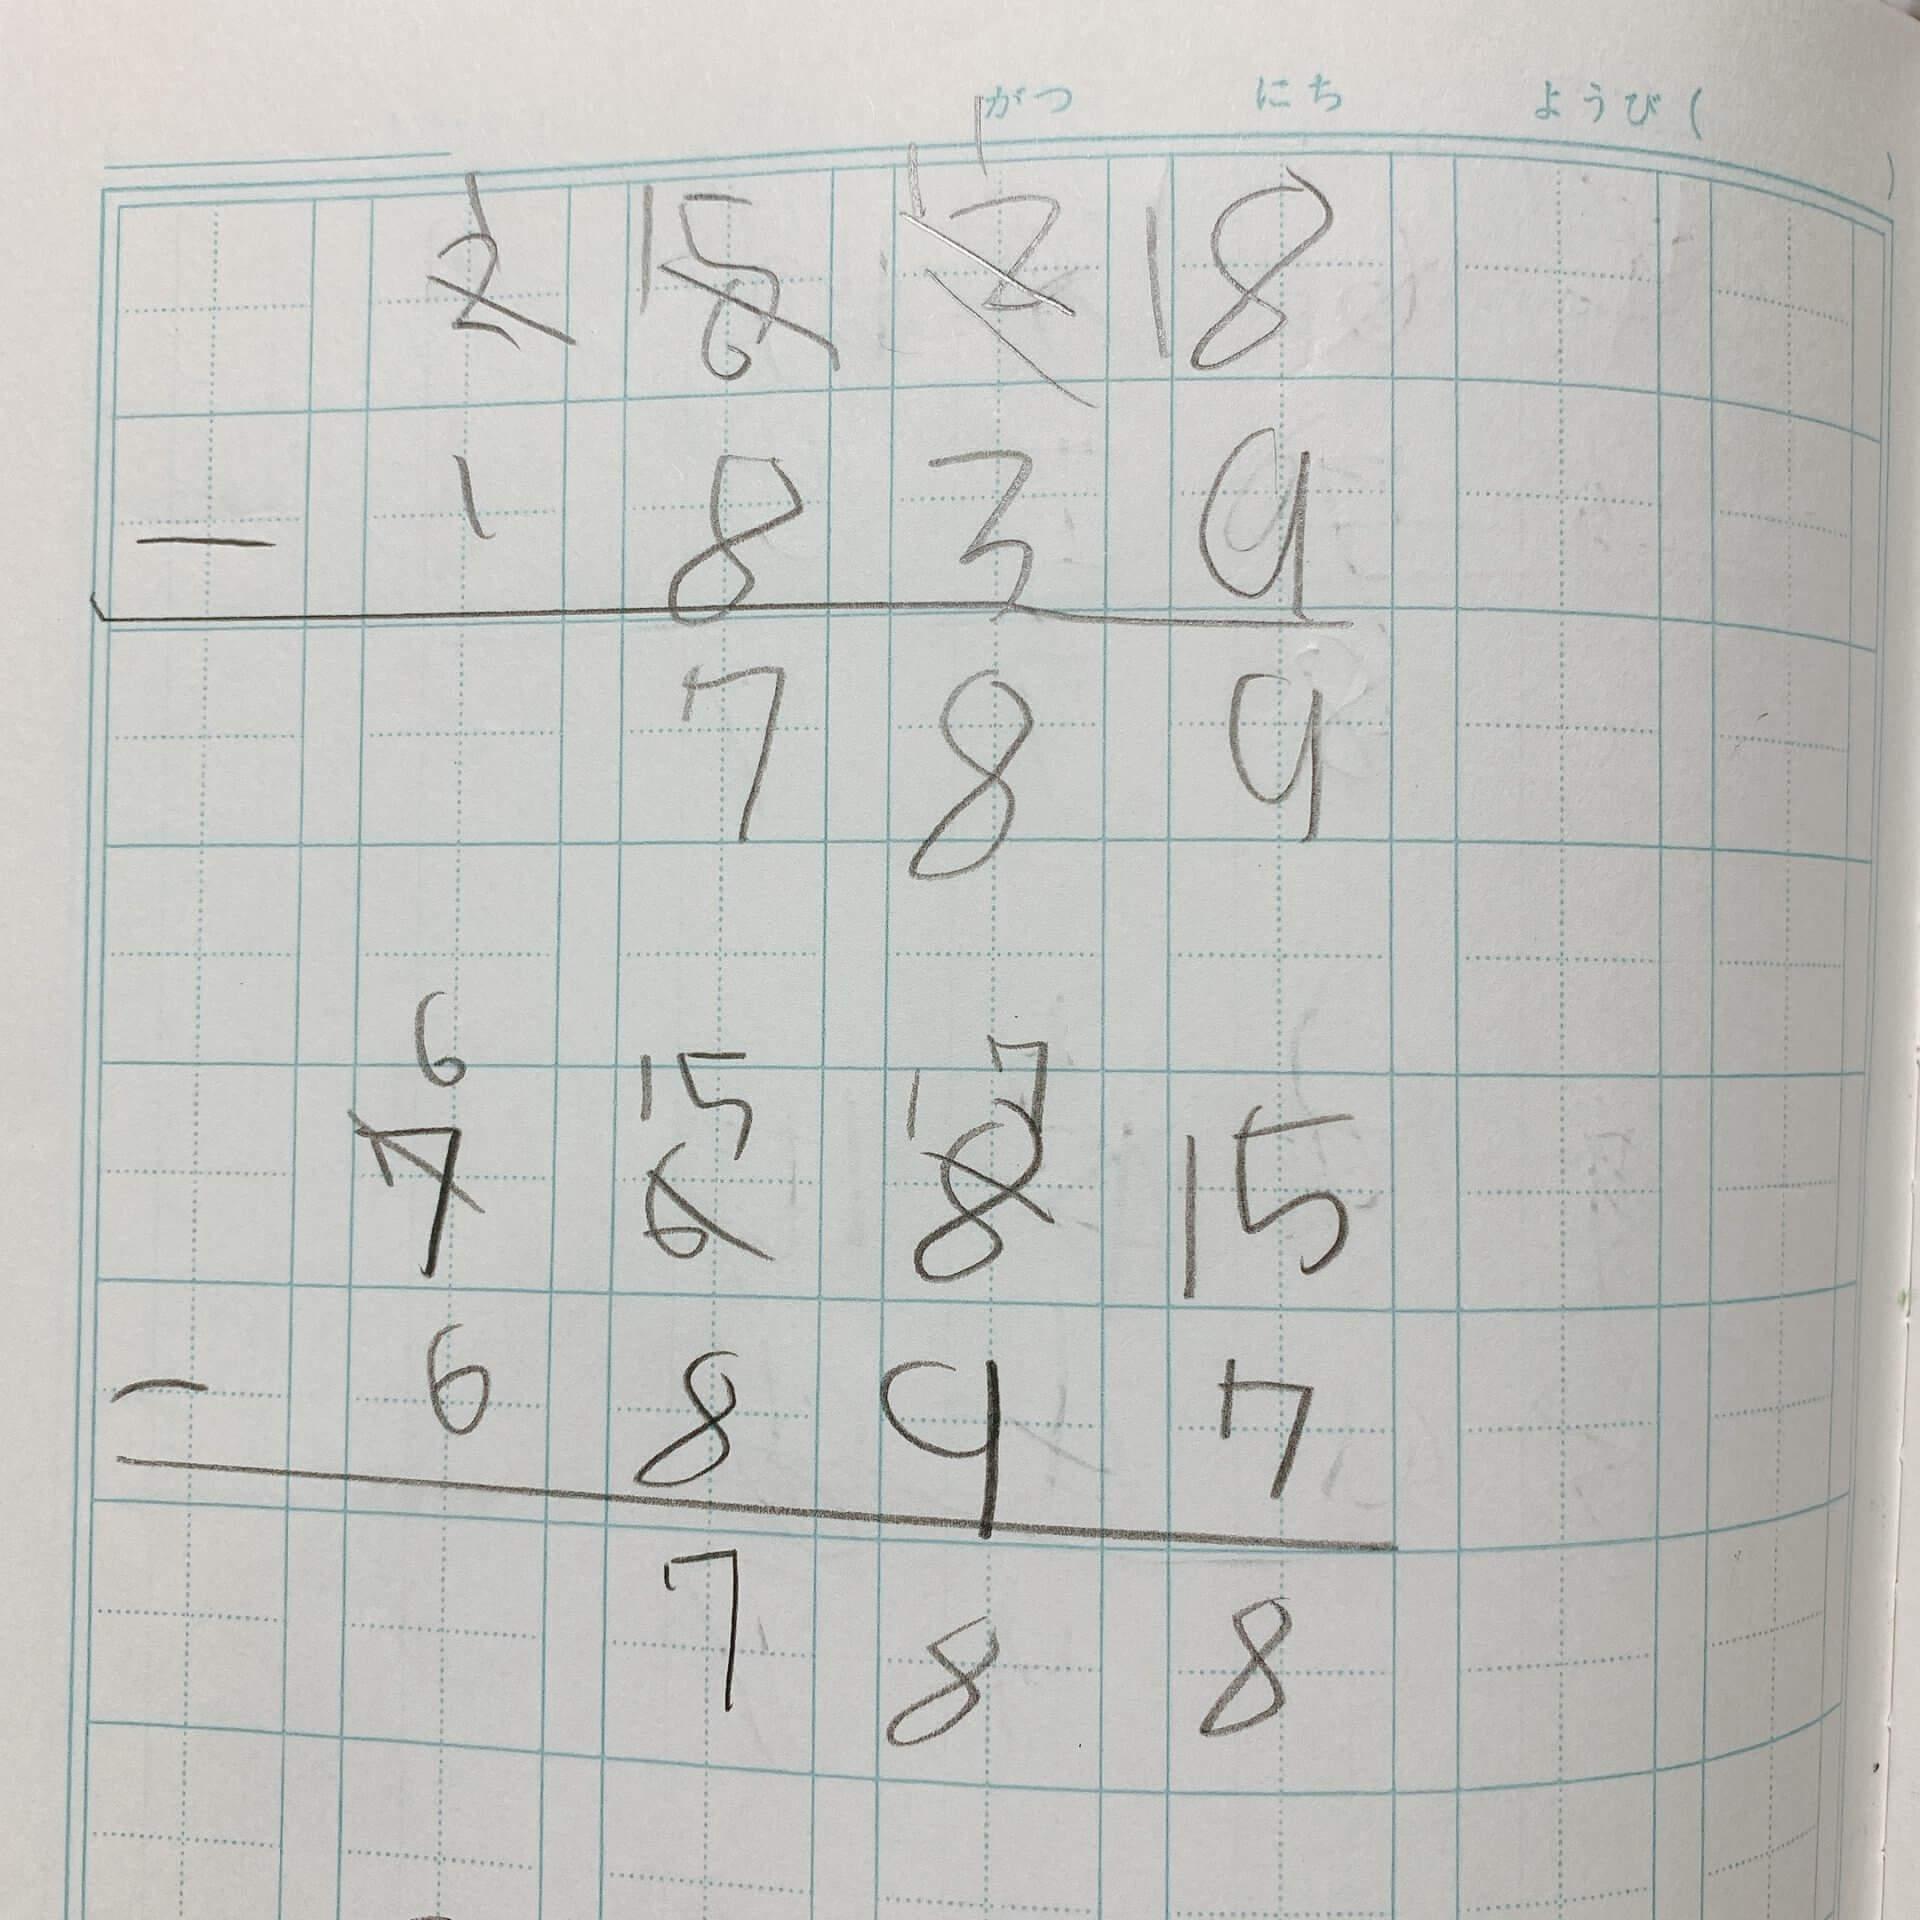 漢字練習帳を計算ノートに使ったよ